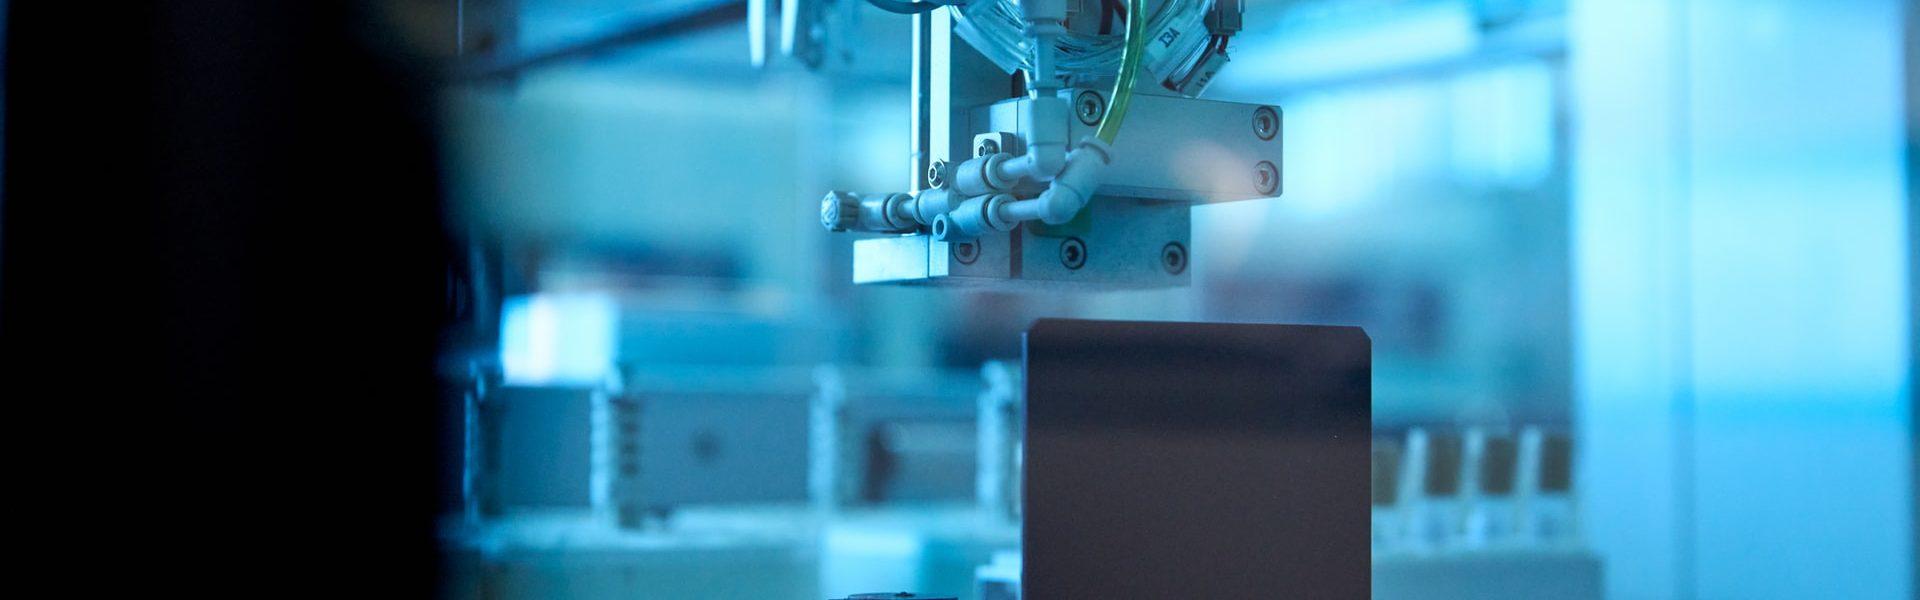 De razendsnelle opkomst van fabrieksautomatisering en verwachtingen voor de toekomst